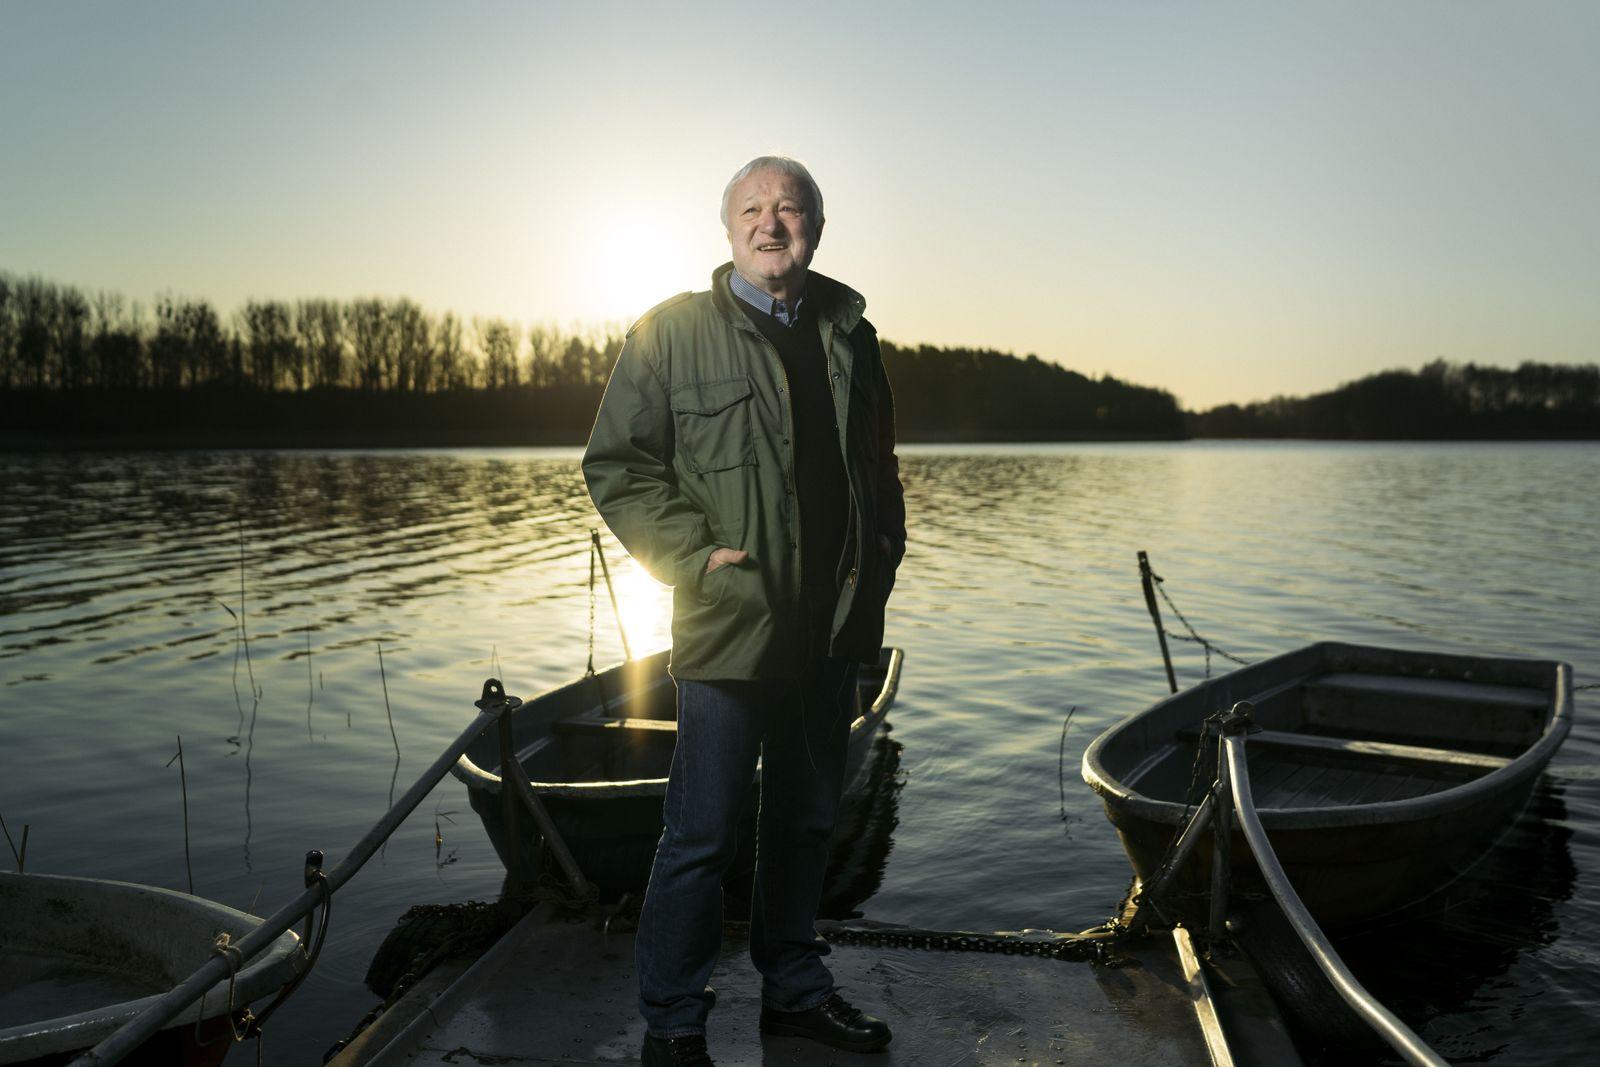 Politiker Werner Gustav Schulz (Bündnis 90/Die Grünen) an seinem Wohnort Kuhz, am Kuhzer See, Uckermark/Brandenburg